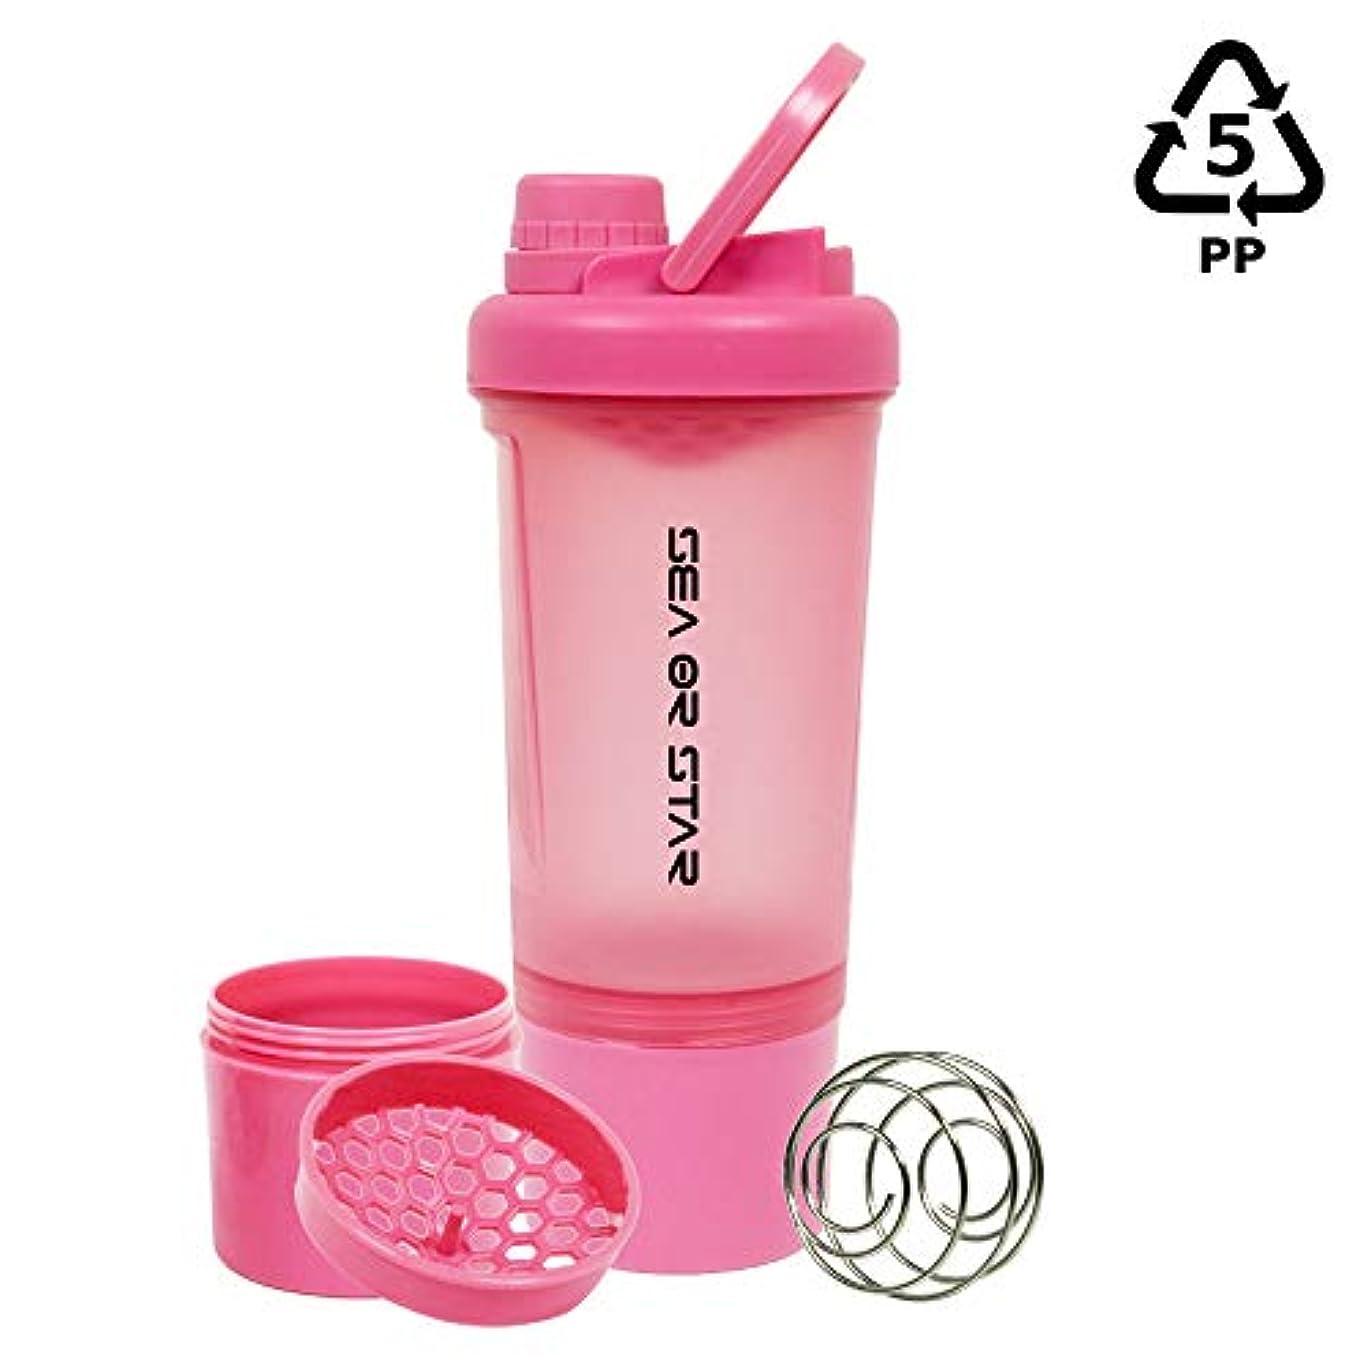 笑拷問有望SEA or STAR シェーカーボール混合タンパク質入りシェーカーボトル17オンス、屋外フィットネス用収納トレイ1つ(ピンク)